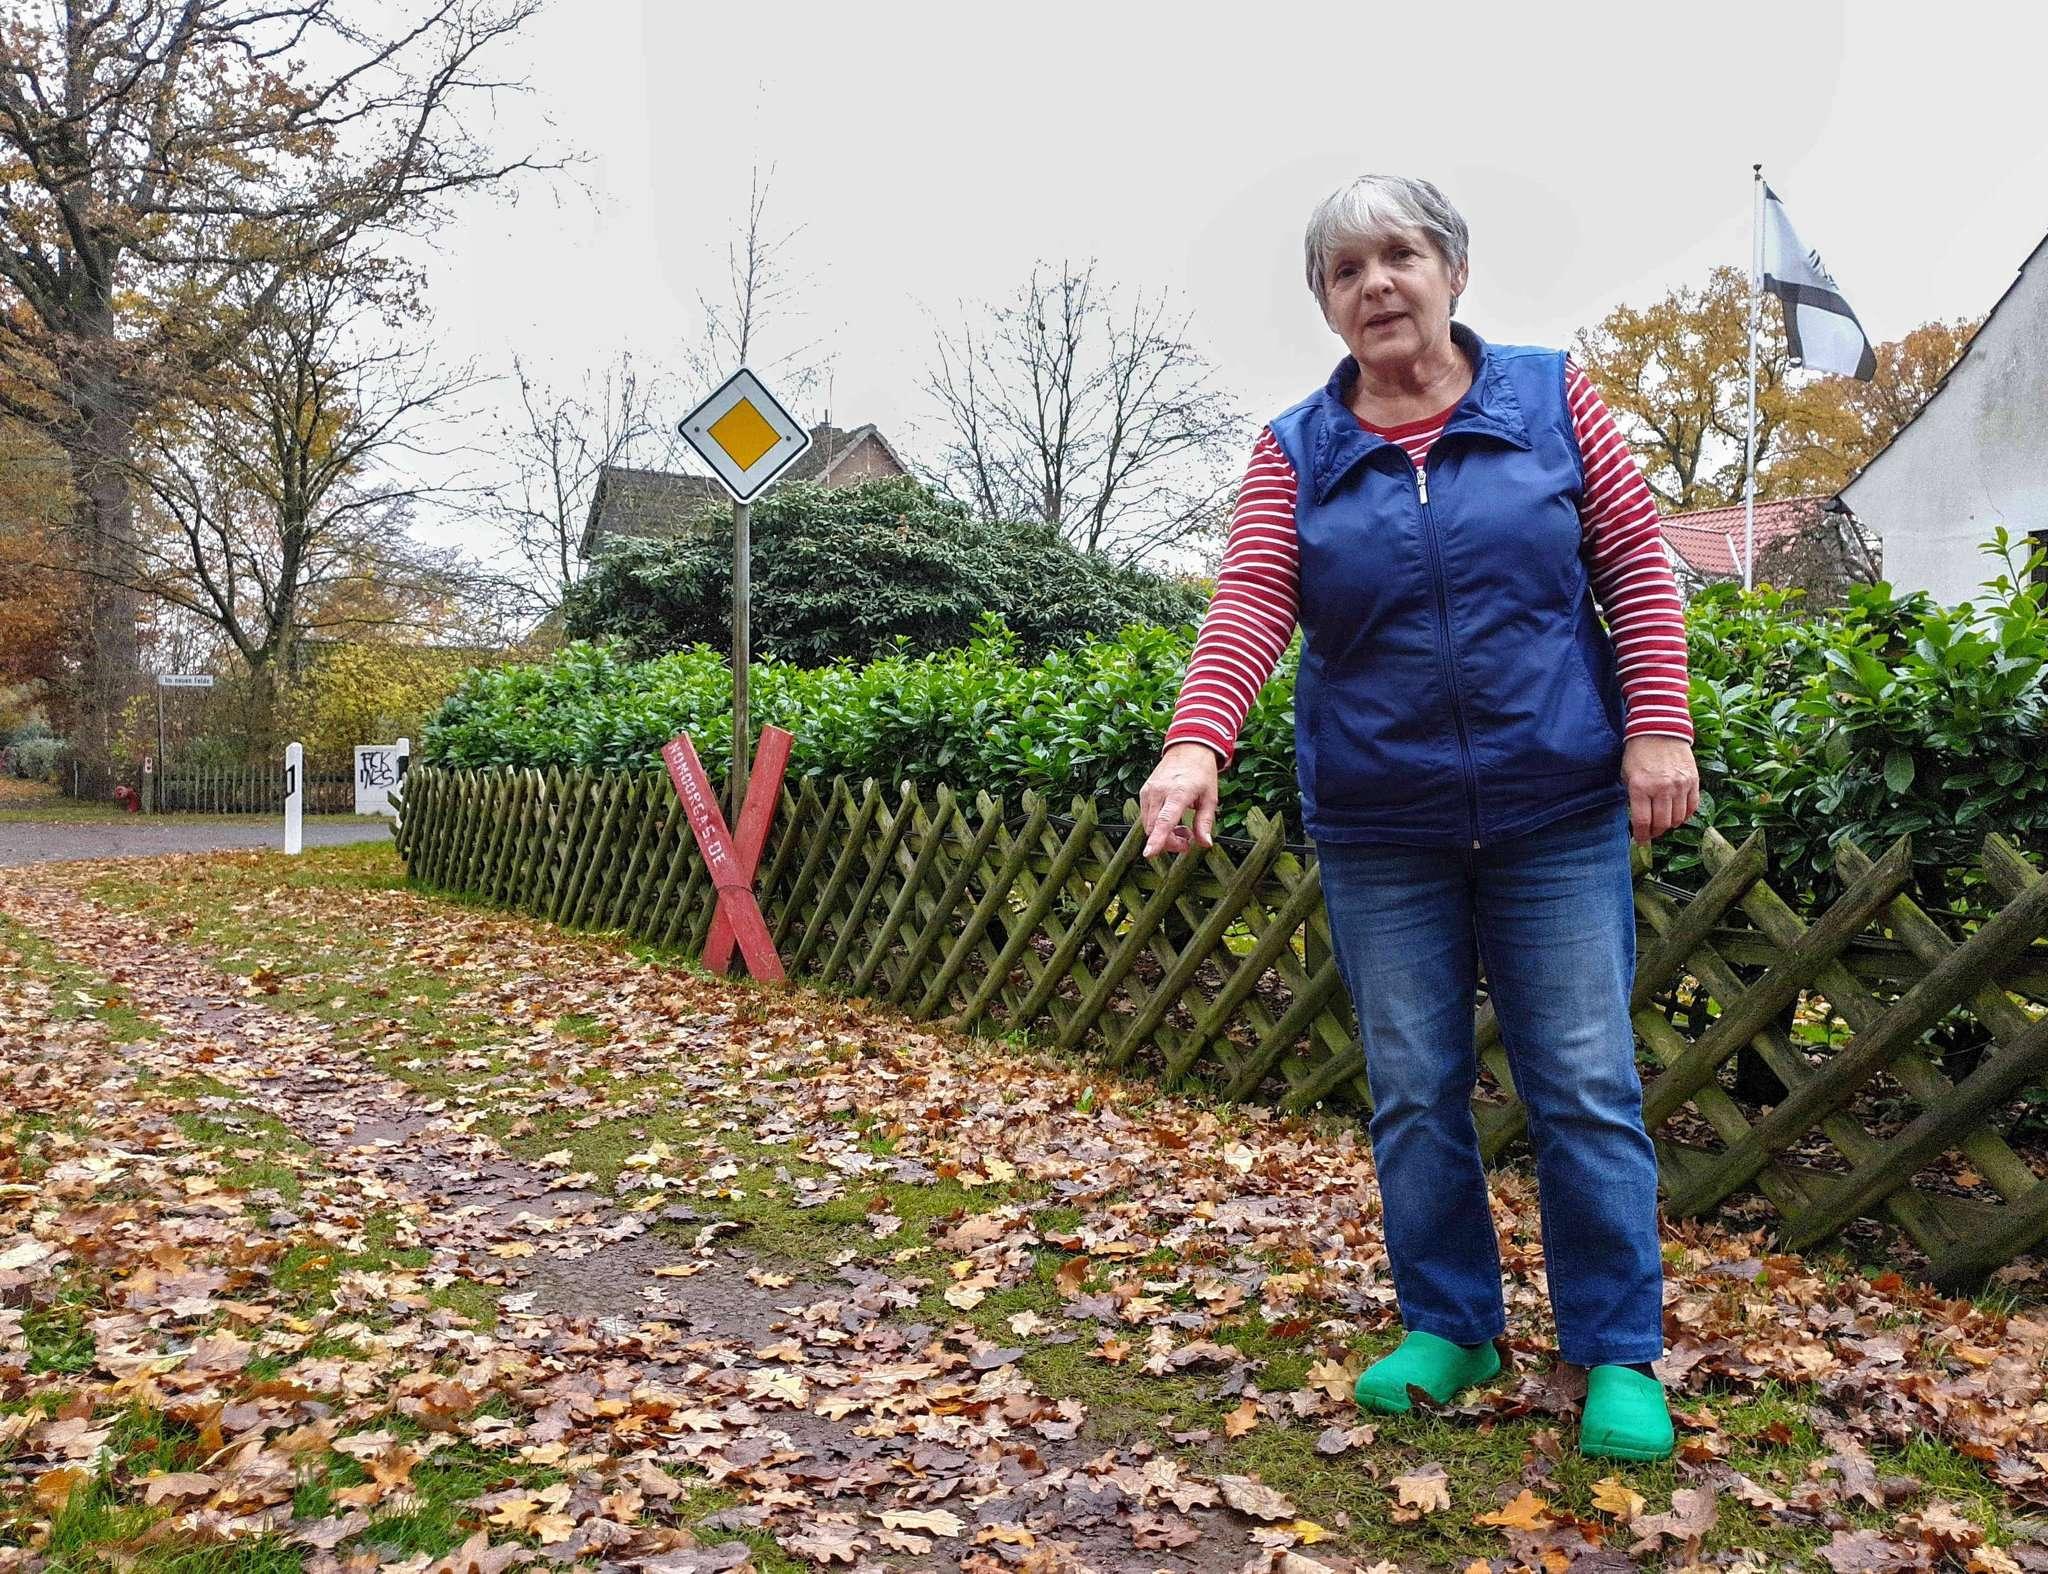 Inge Reich fegt täglich. Foto: Tobias Woelki